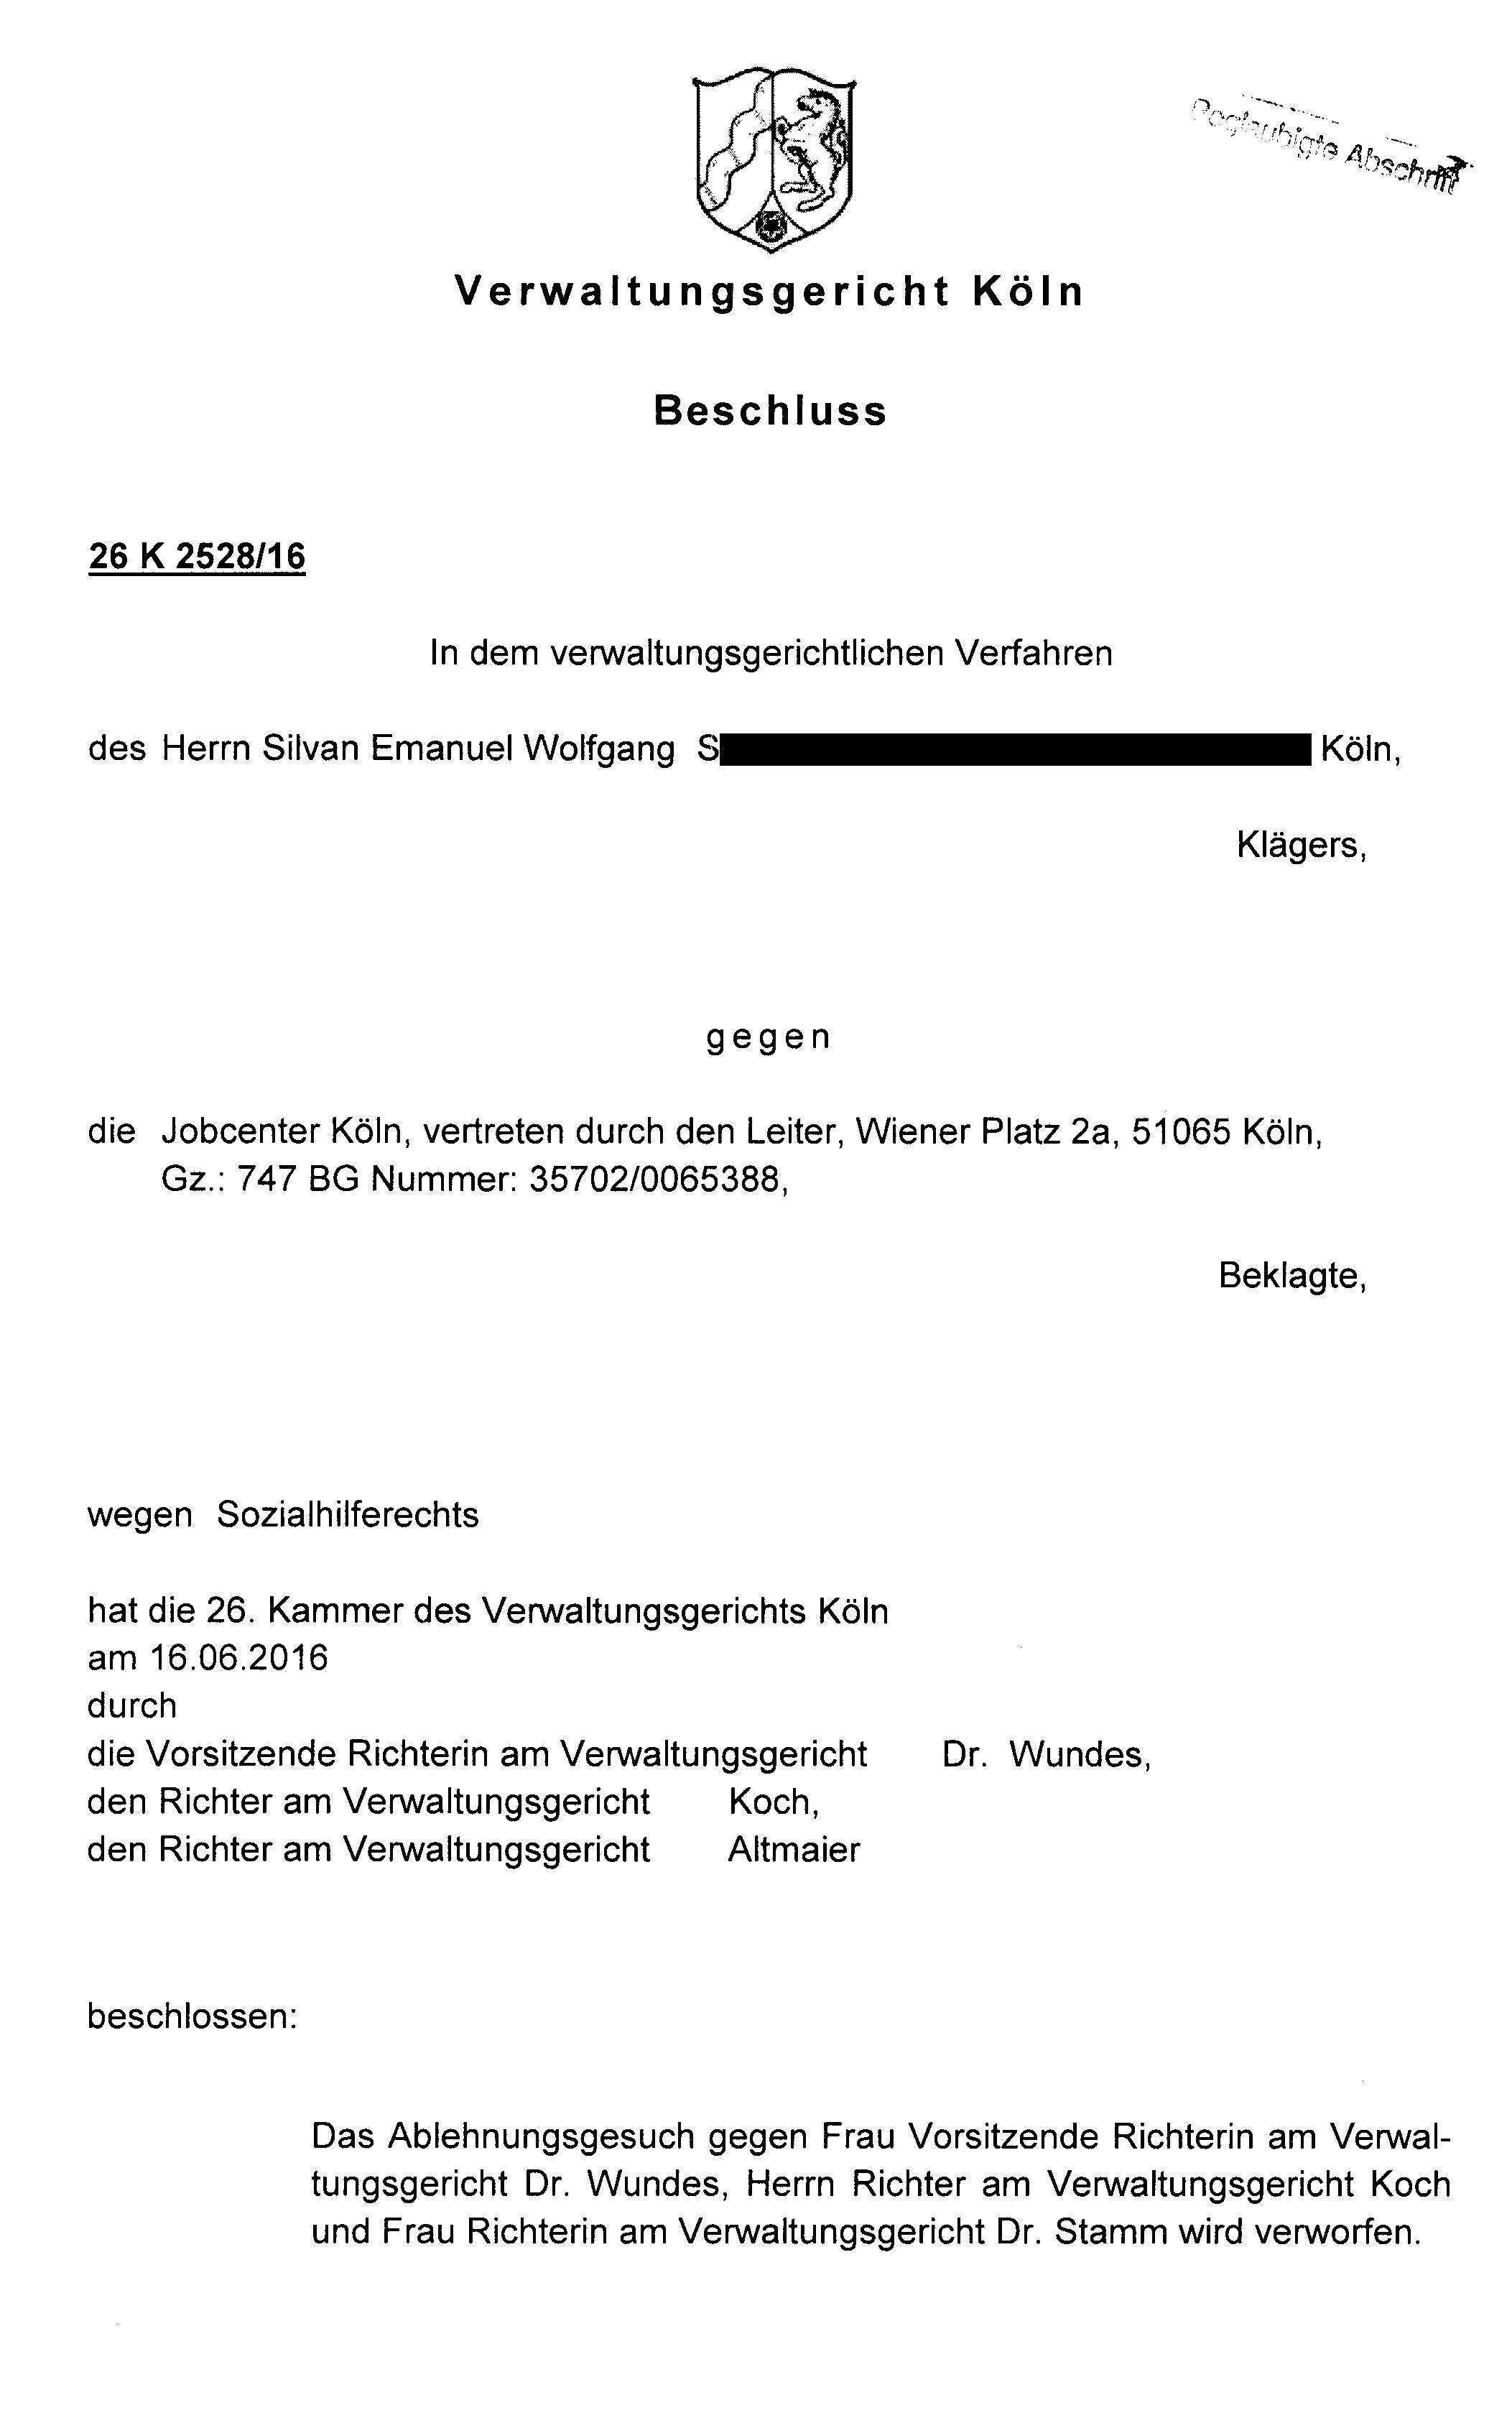 Bestatigung Keine Gesetzliche Richter Brd Nazi Justiz Von Dj Silvan